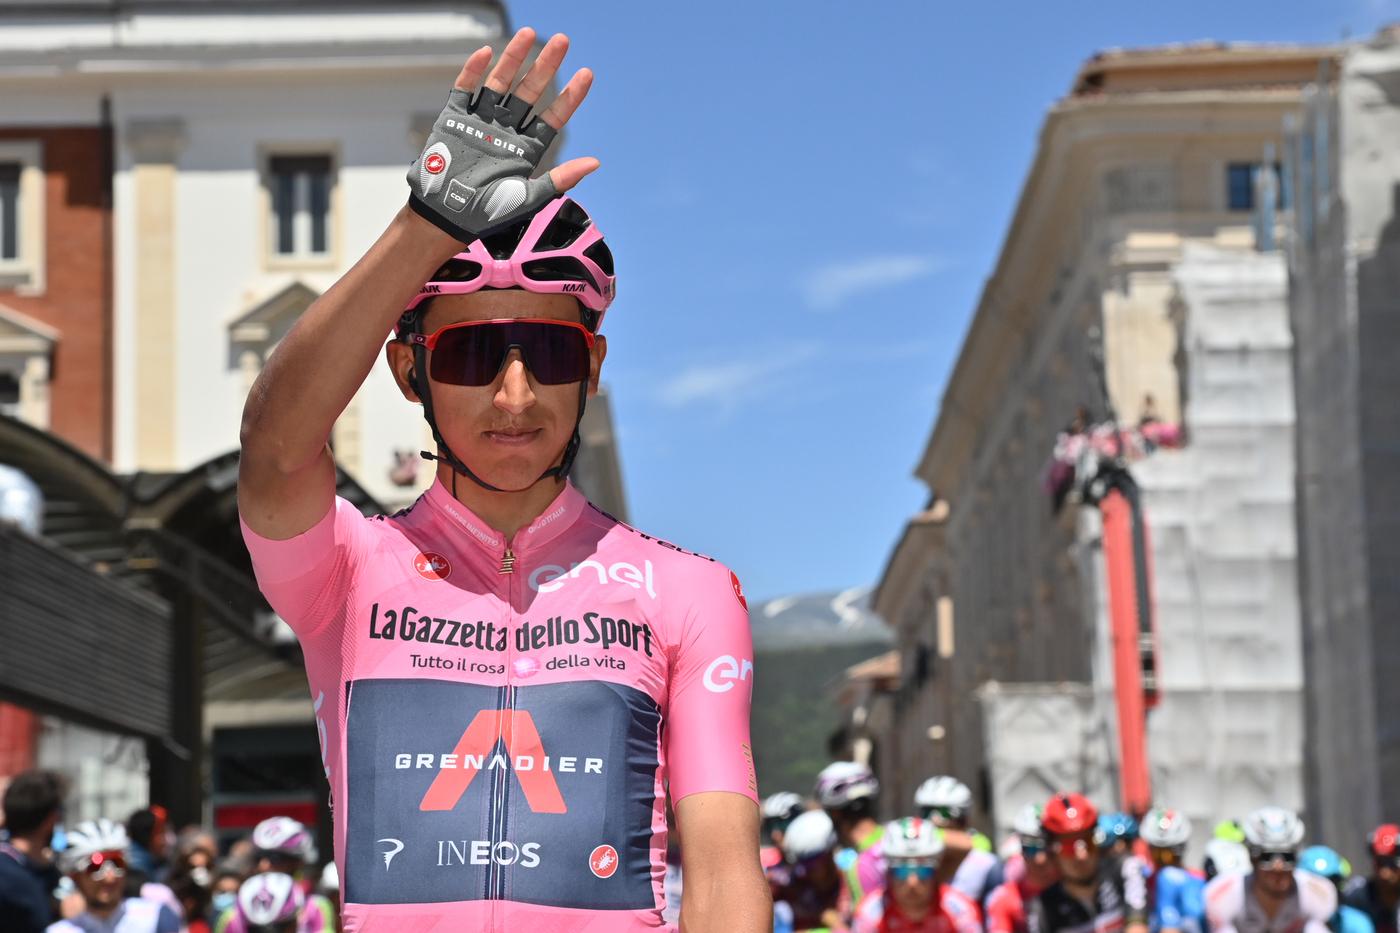 """Giro d'Italia 2021, Egan Bernal: """"Sorprendente Evenepoel, a cronometro può darmi 1'30"""". In montagna ci saranno grandi distacchi"""""""